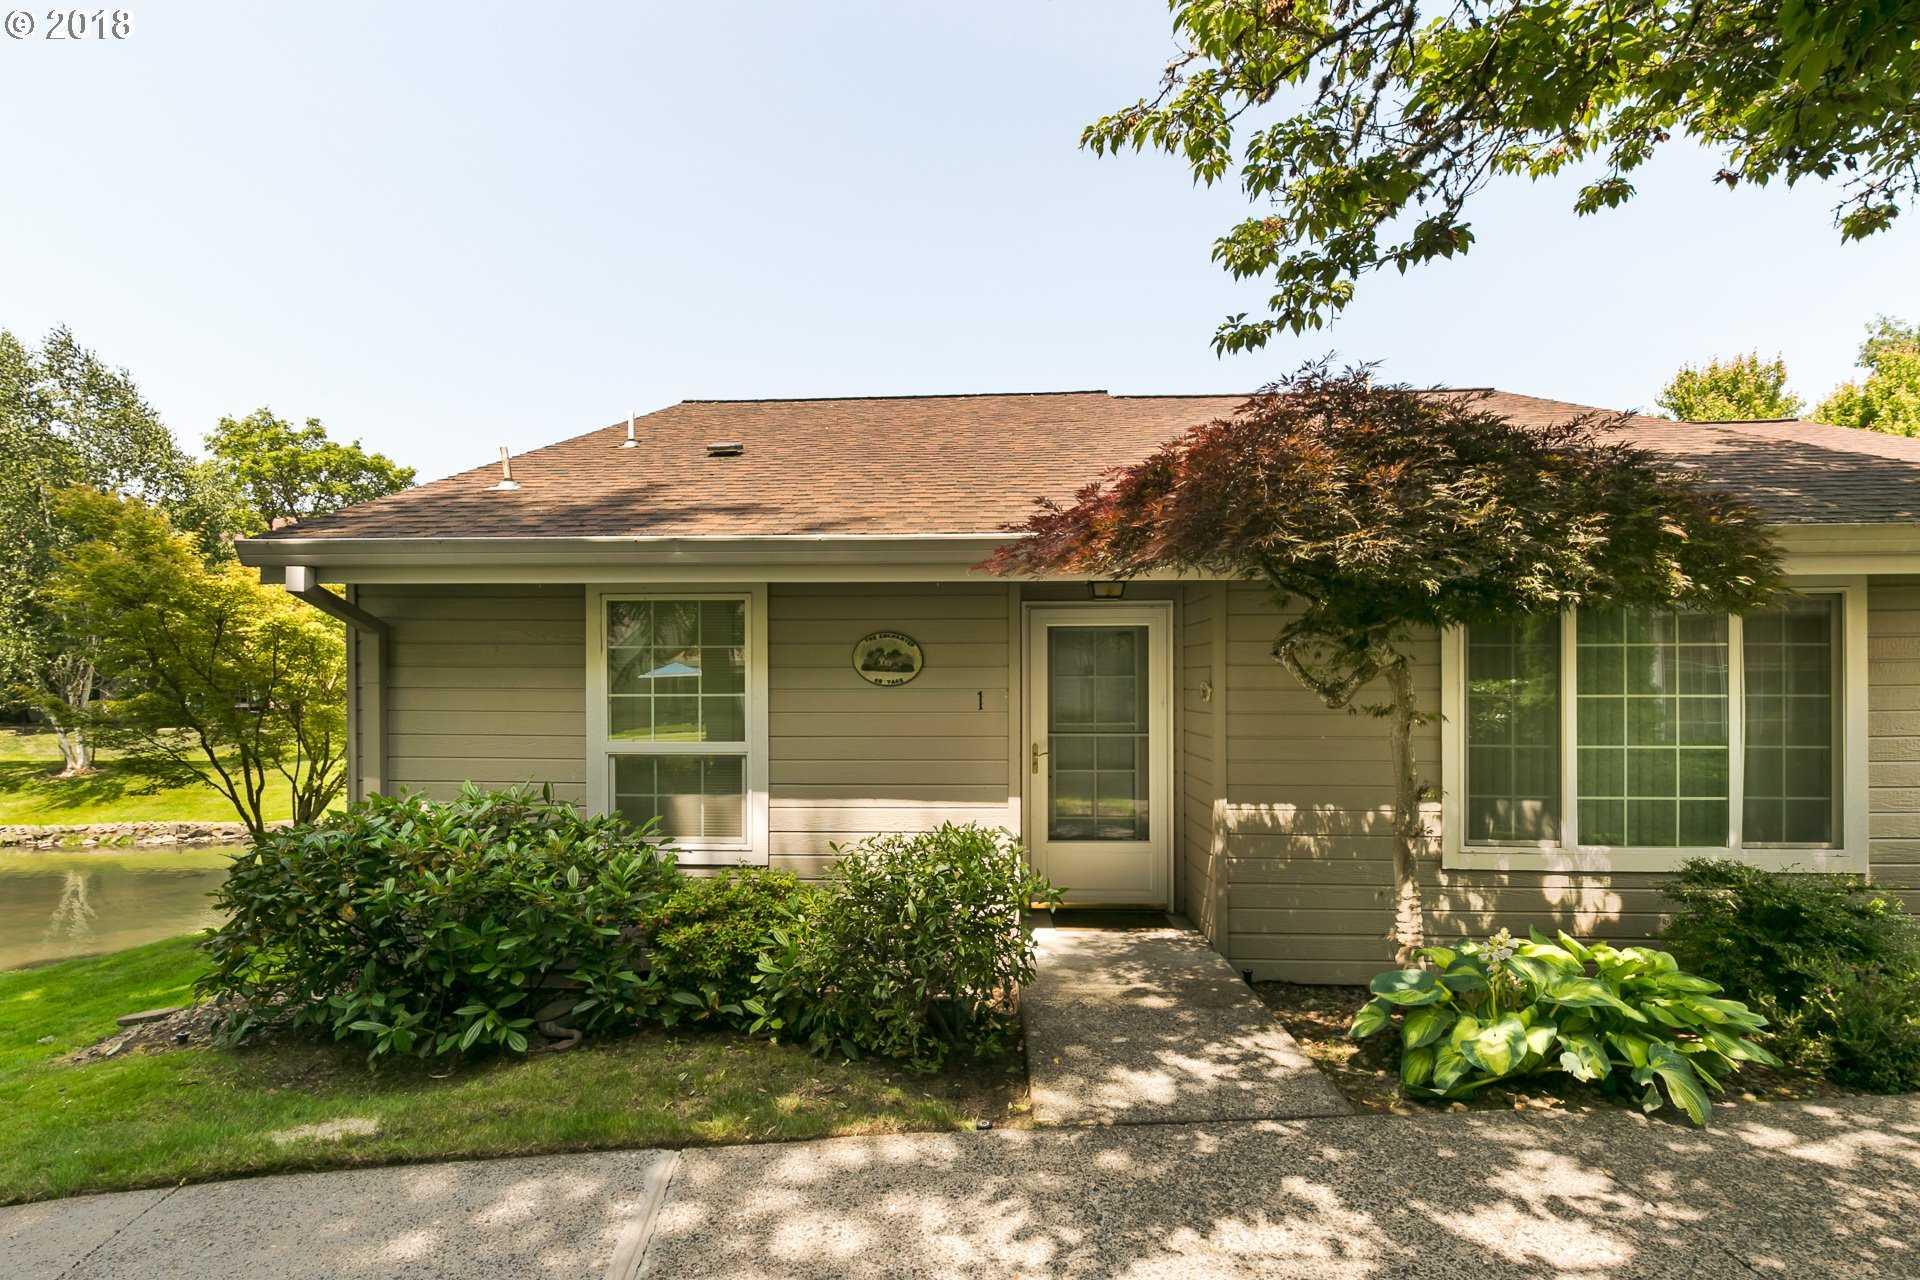 $169,900 - 2Br/2Ba -  for Sale in Village At Forest Glen, Beaverton